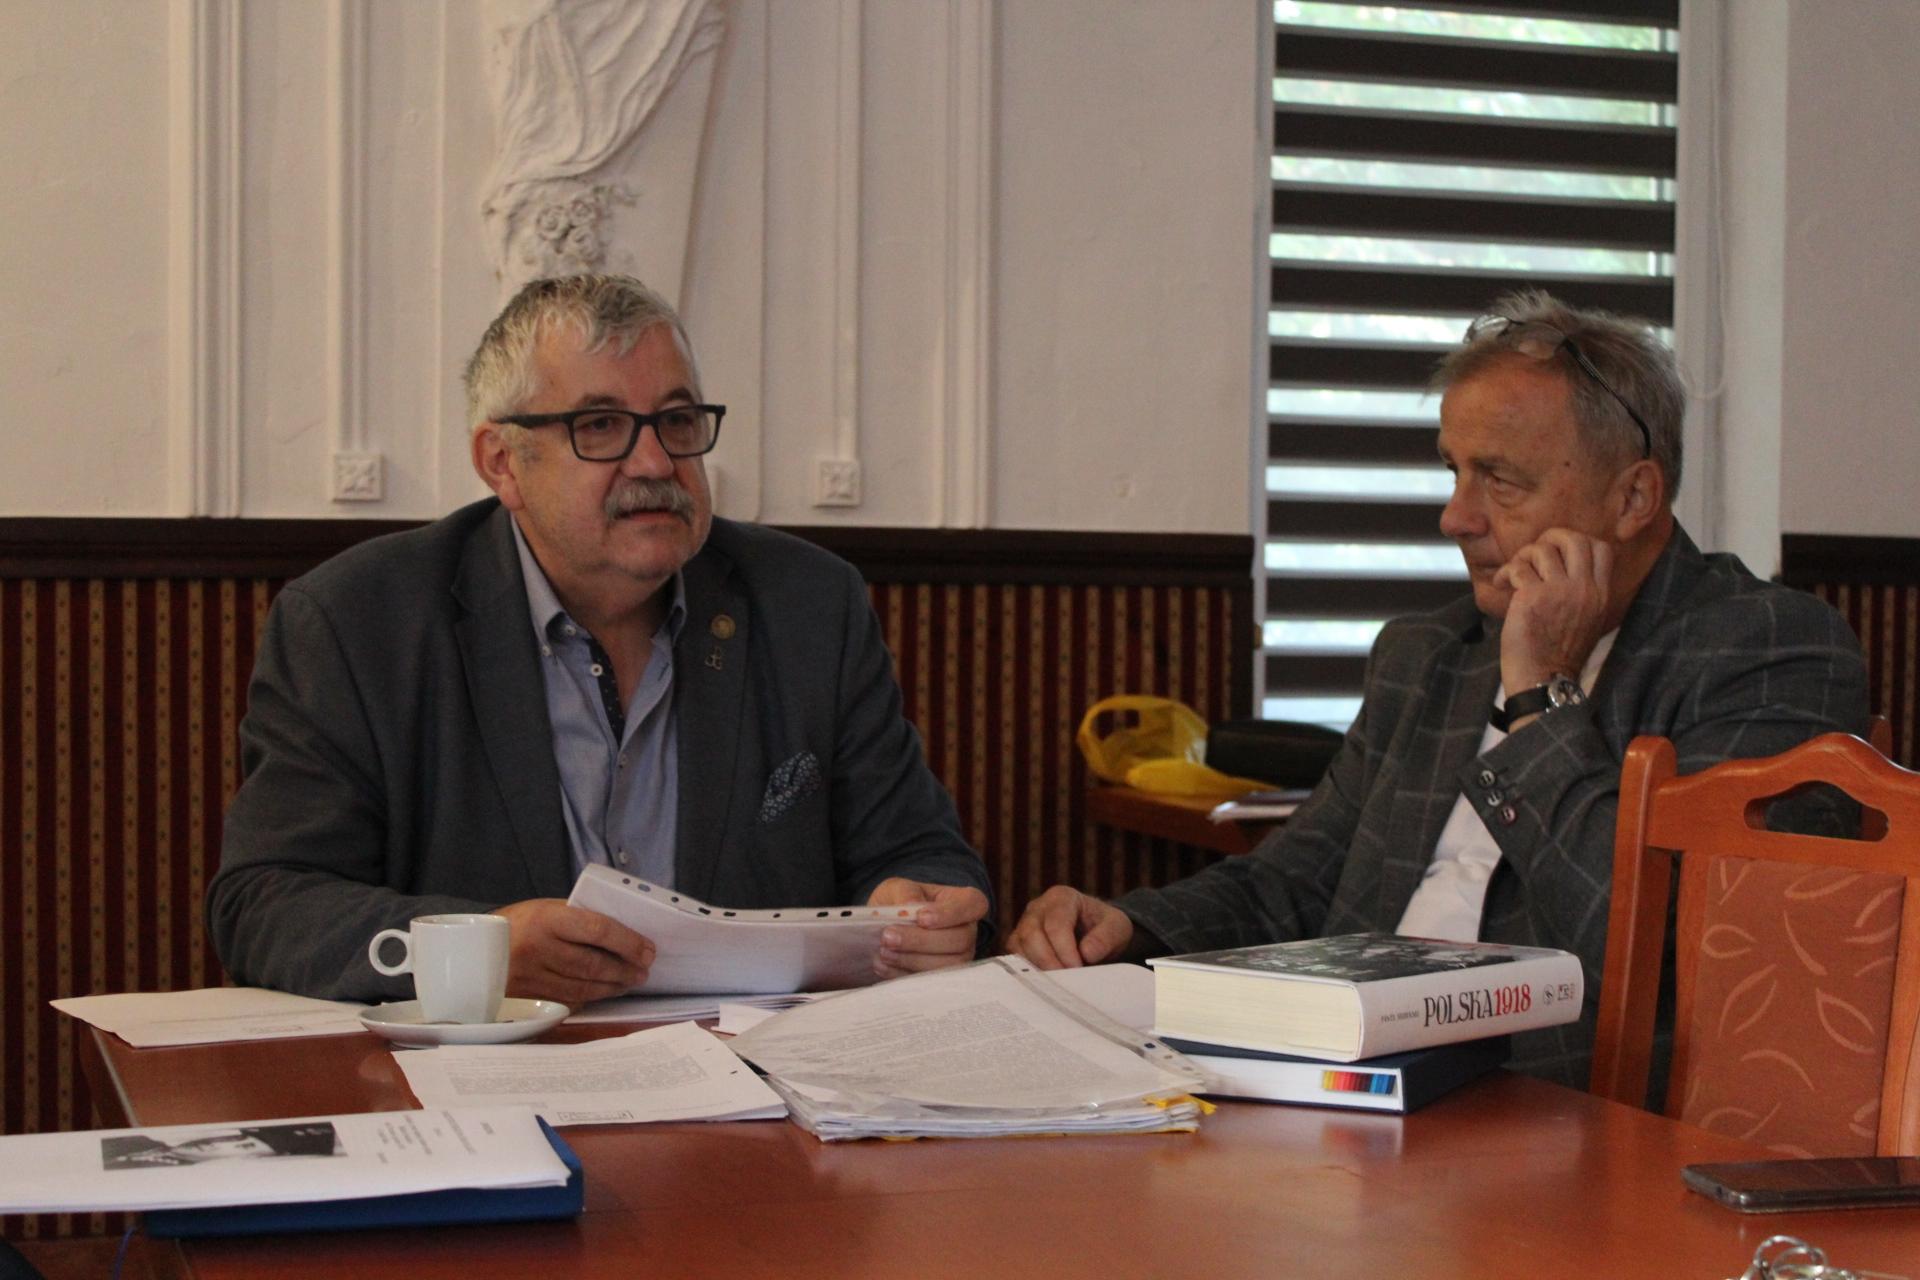 Kazimierz Socha Borzestowski podczas swojej konferencji starał się wytłumaczyć zamieszanie dotyczące nazewnictwa ulic w Kartuzach fot. P.CH. / zKaszub.info